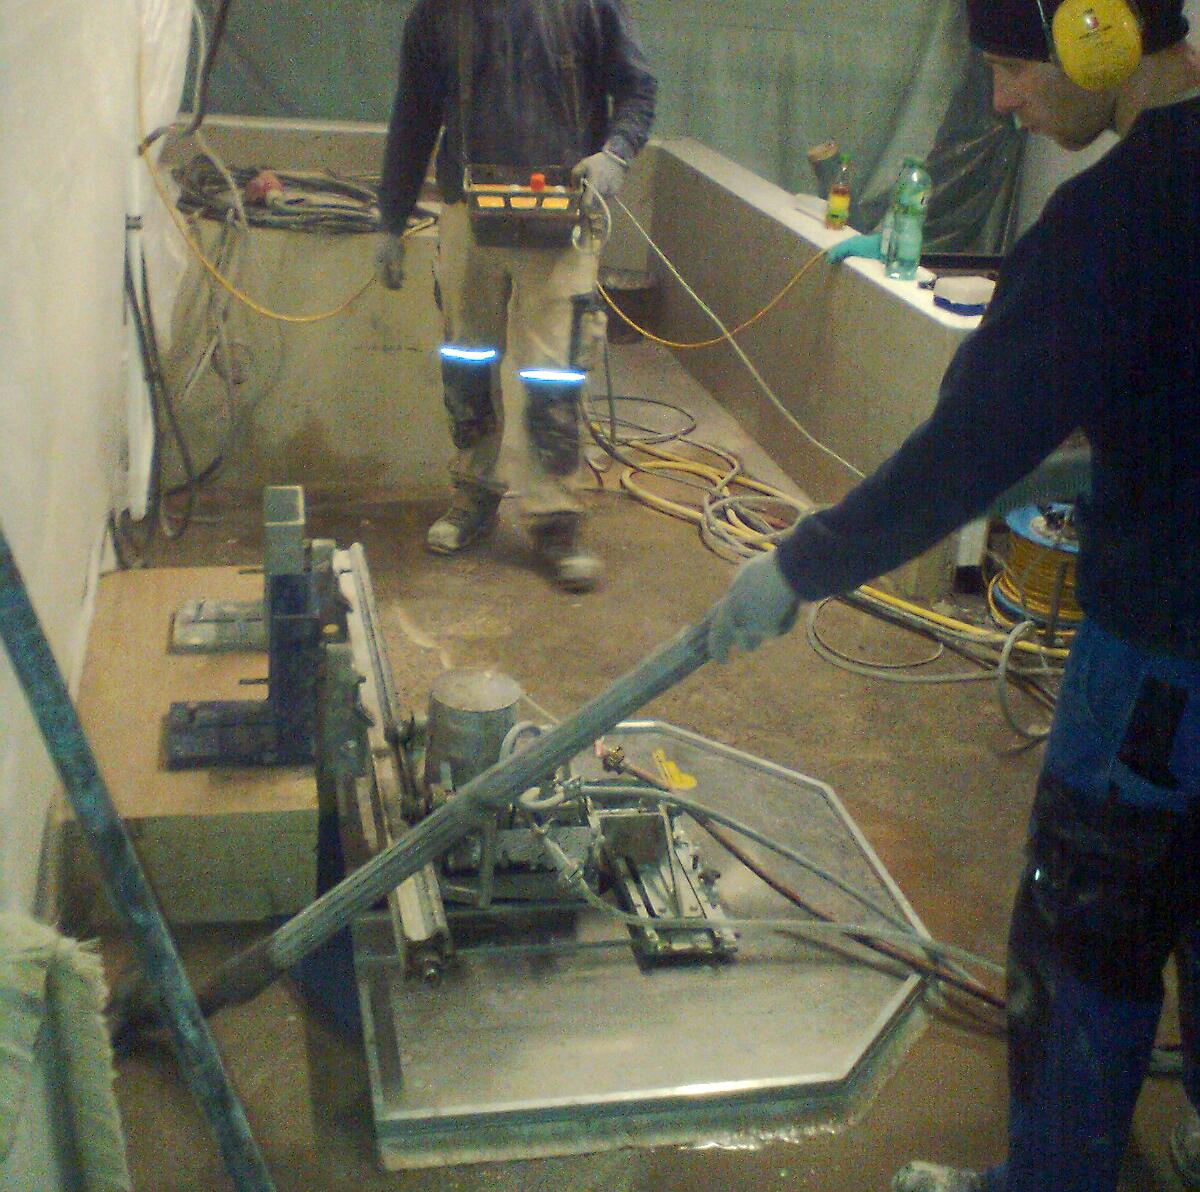 Demontage von Stahlbeton-Fundamenten / Fenster-Schnitt in Stahlbeton